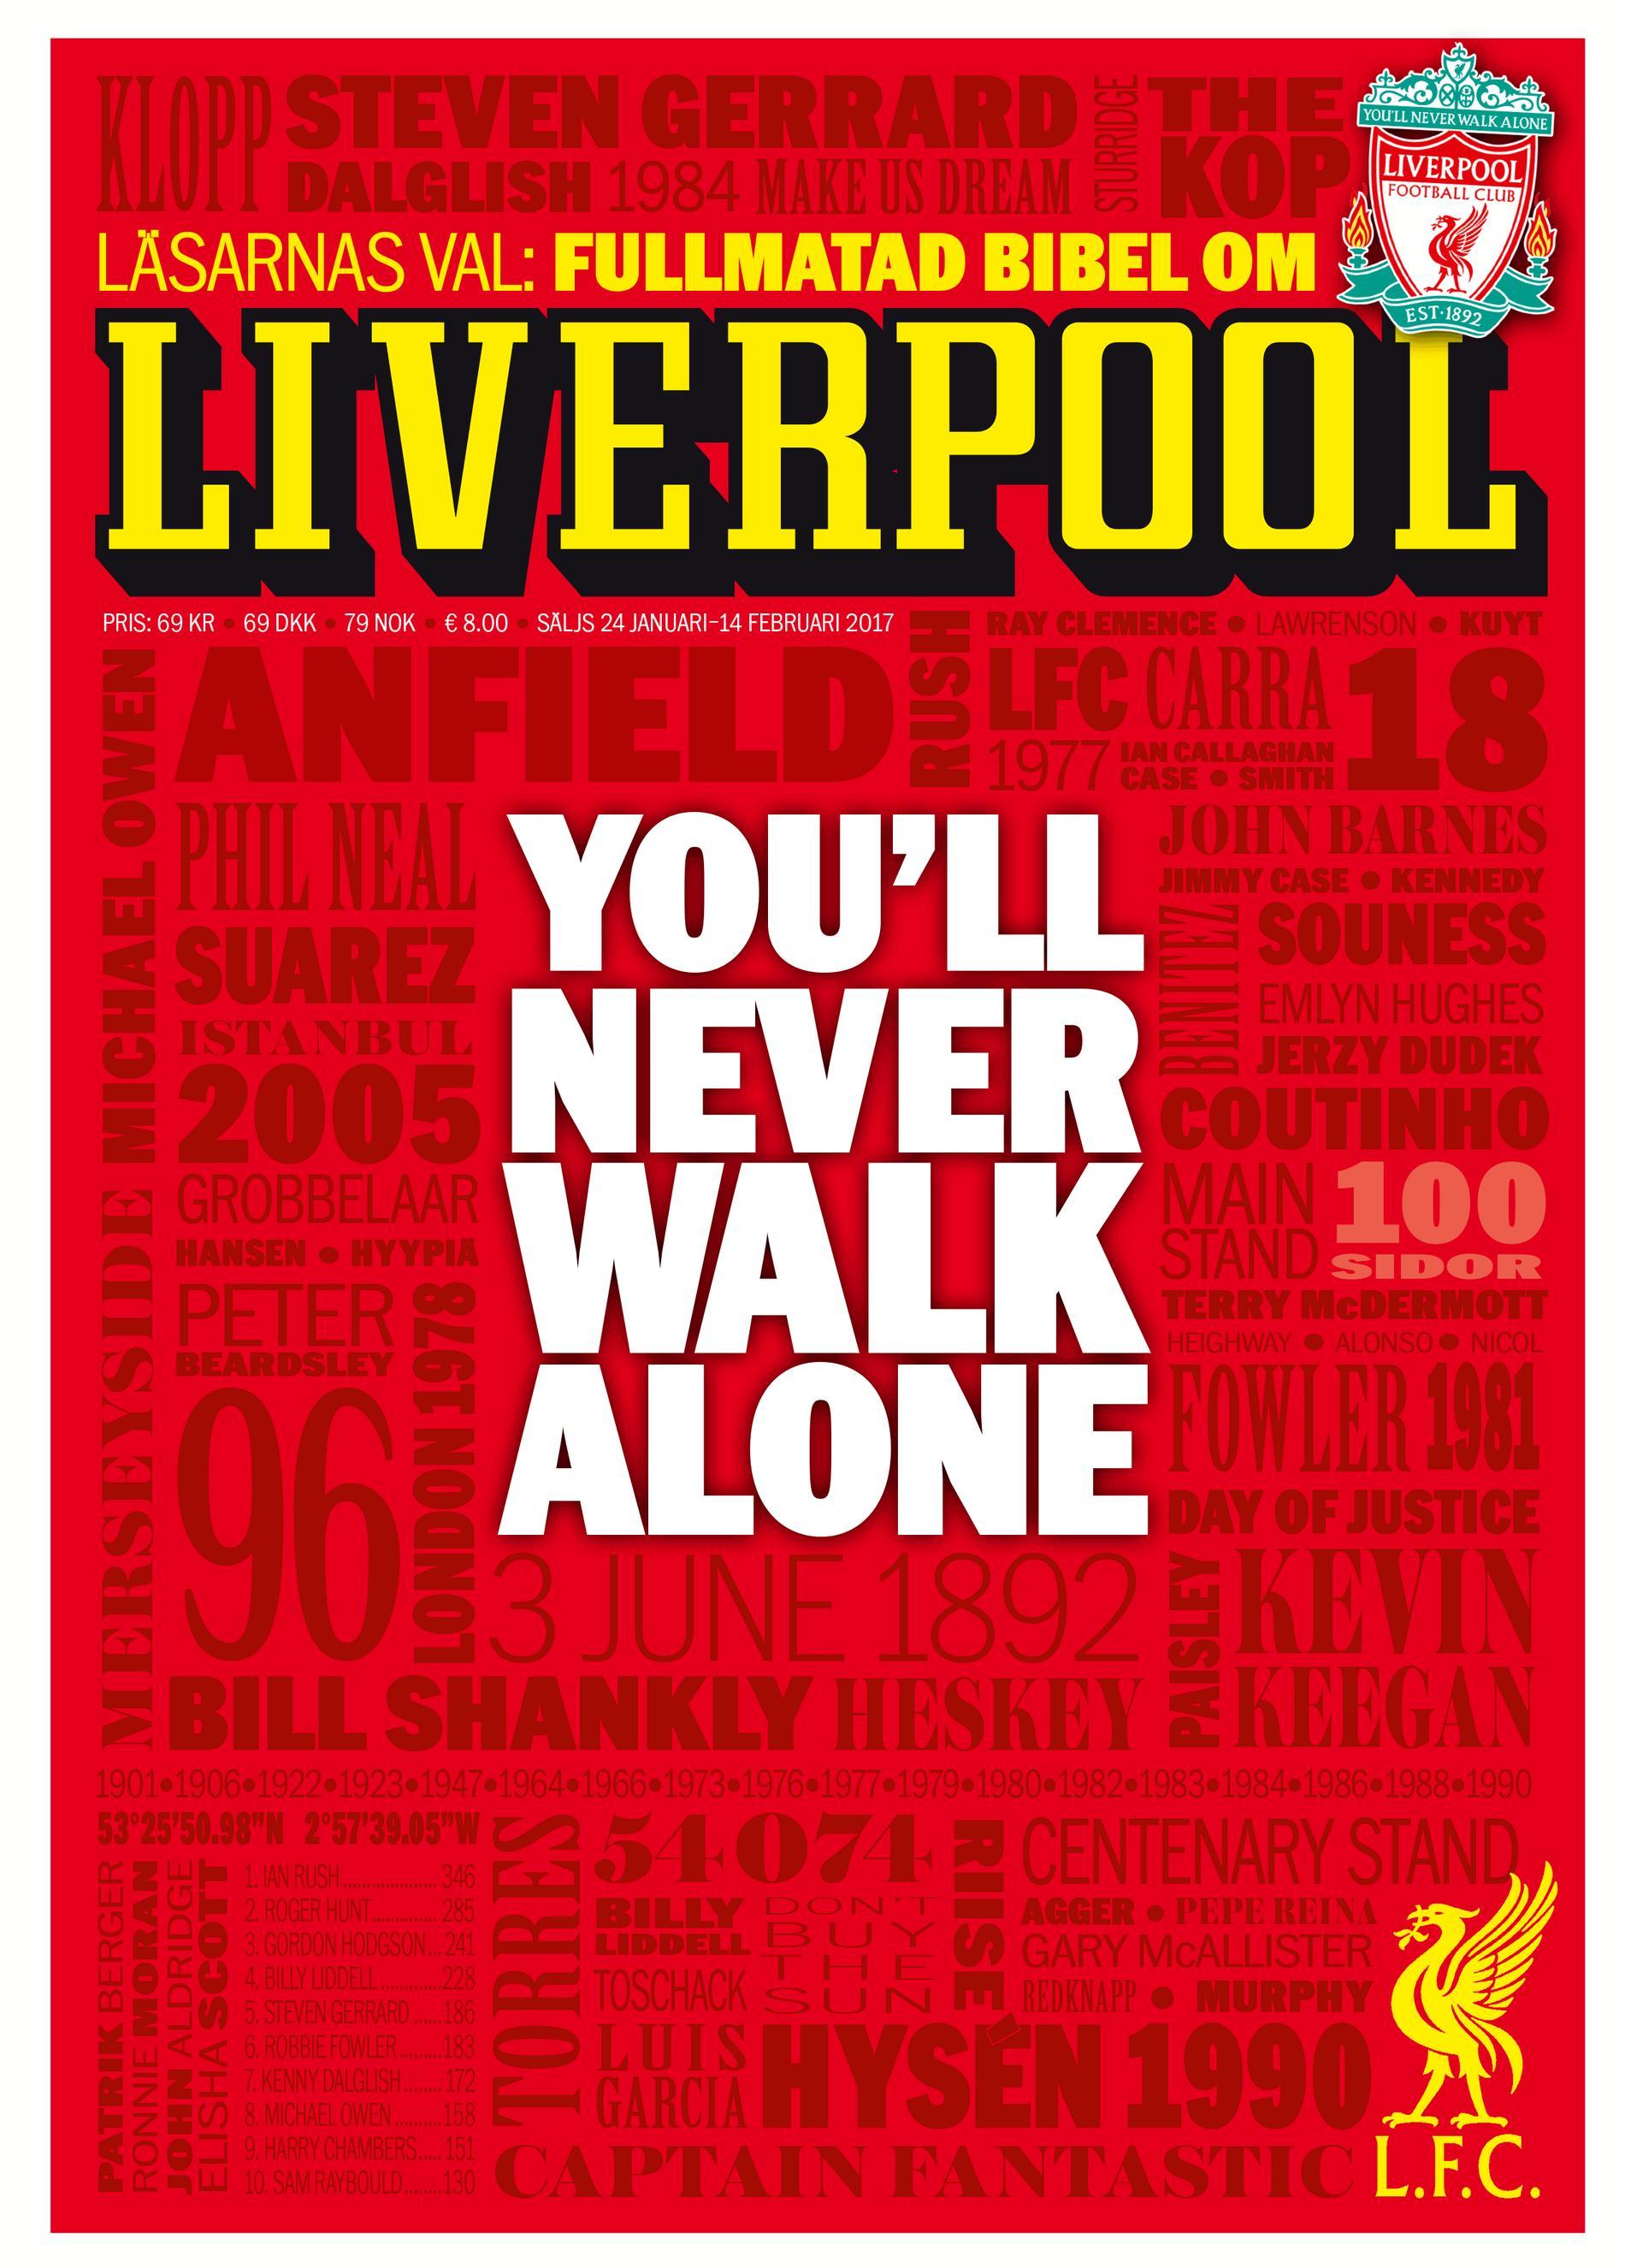 Förstasidan till Liverpool-bibeln.